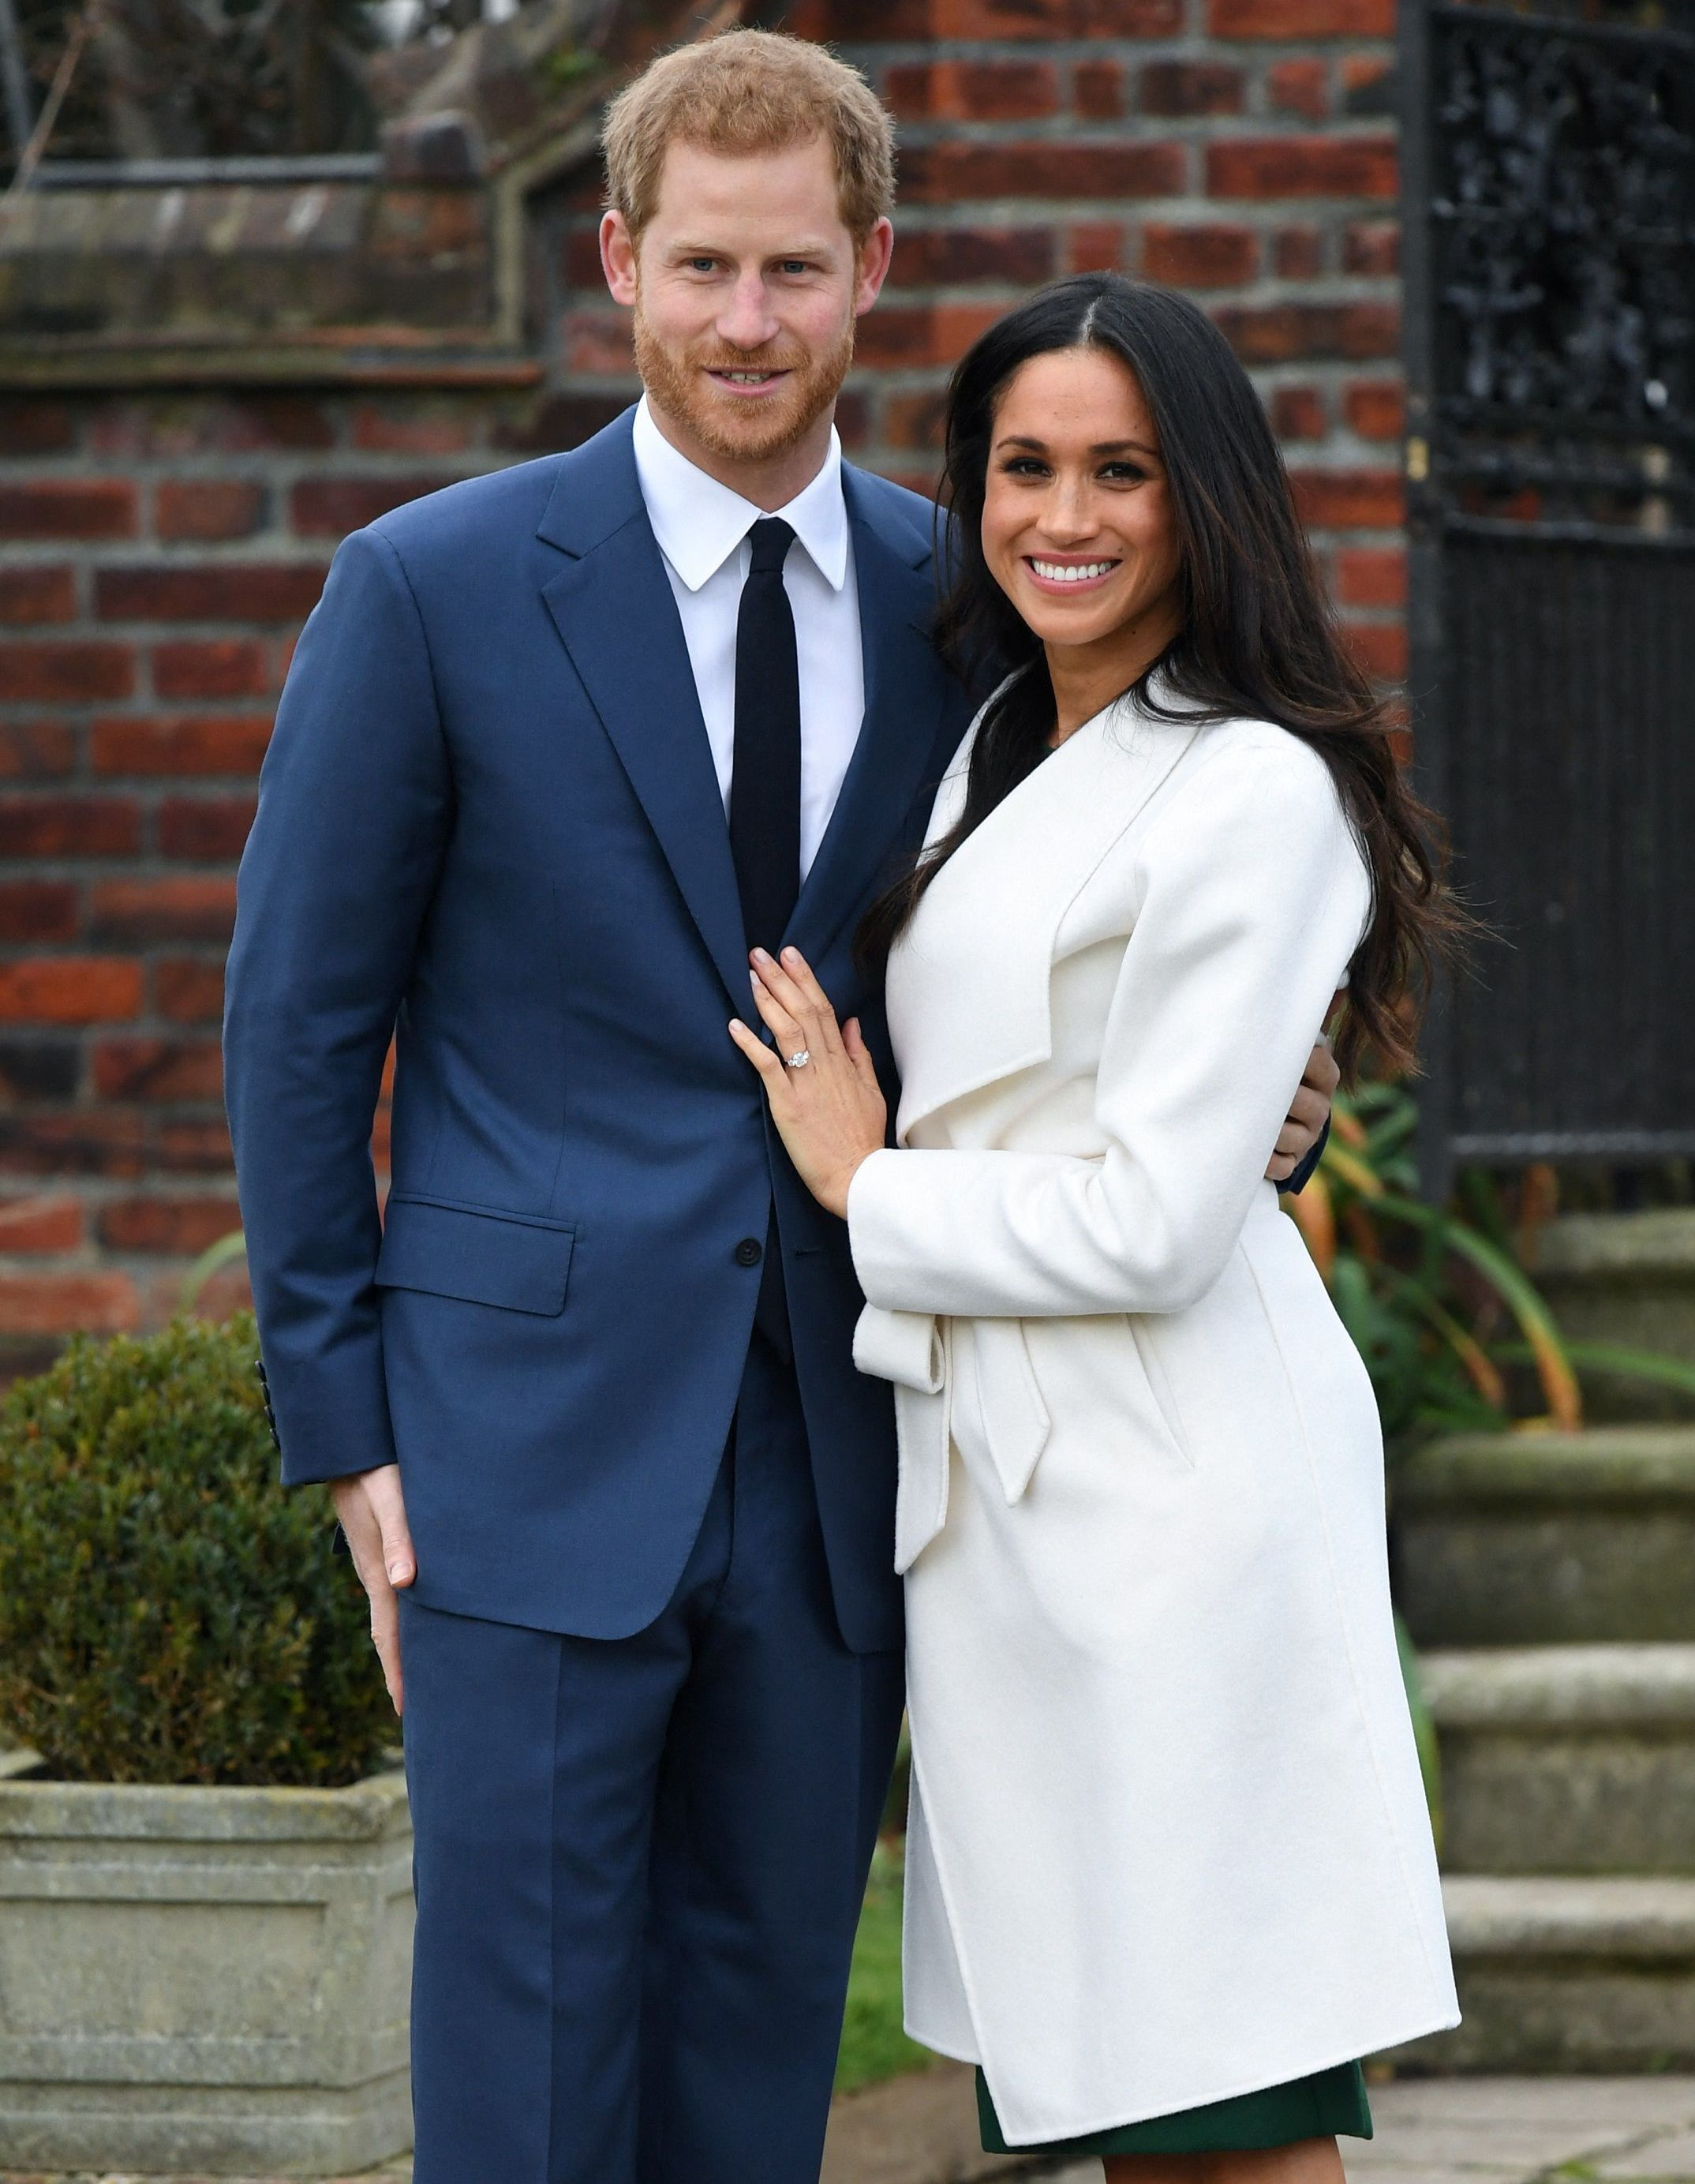 Meghan Markle et le prince Harry vont participer à un événement mondial - Elle